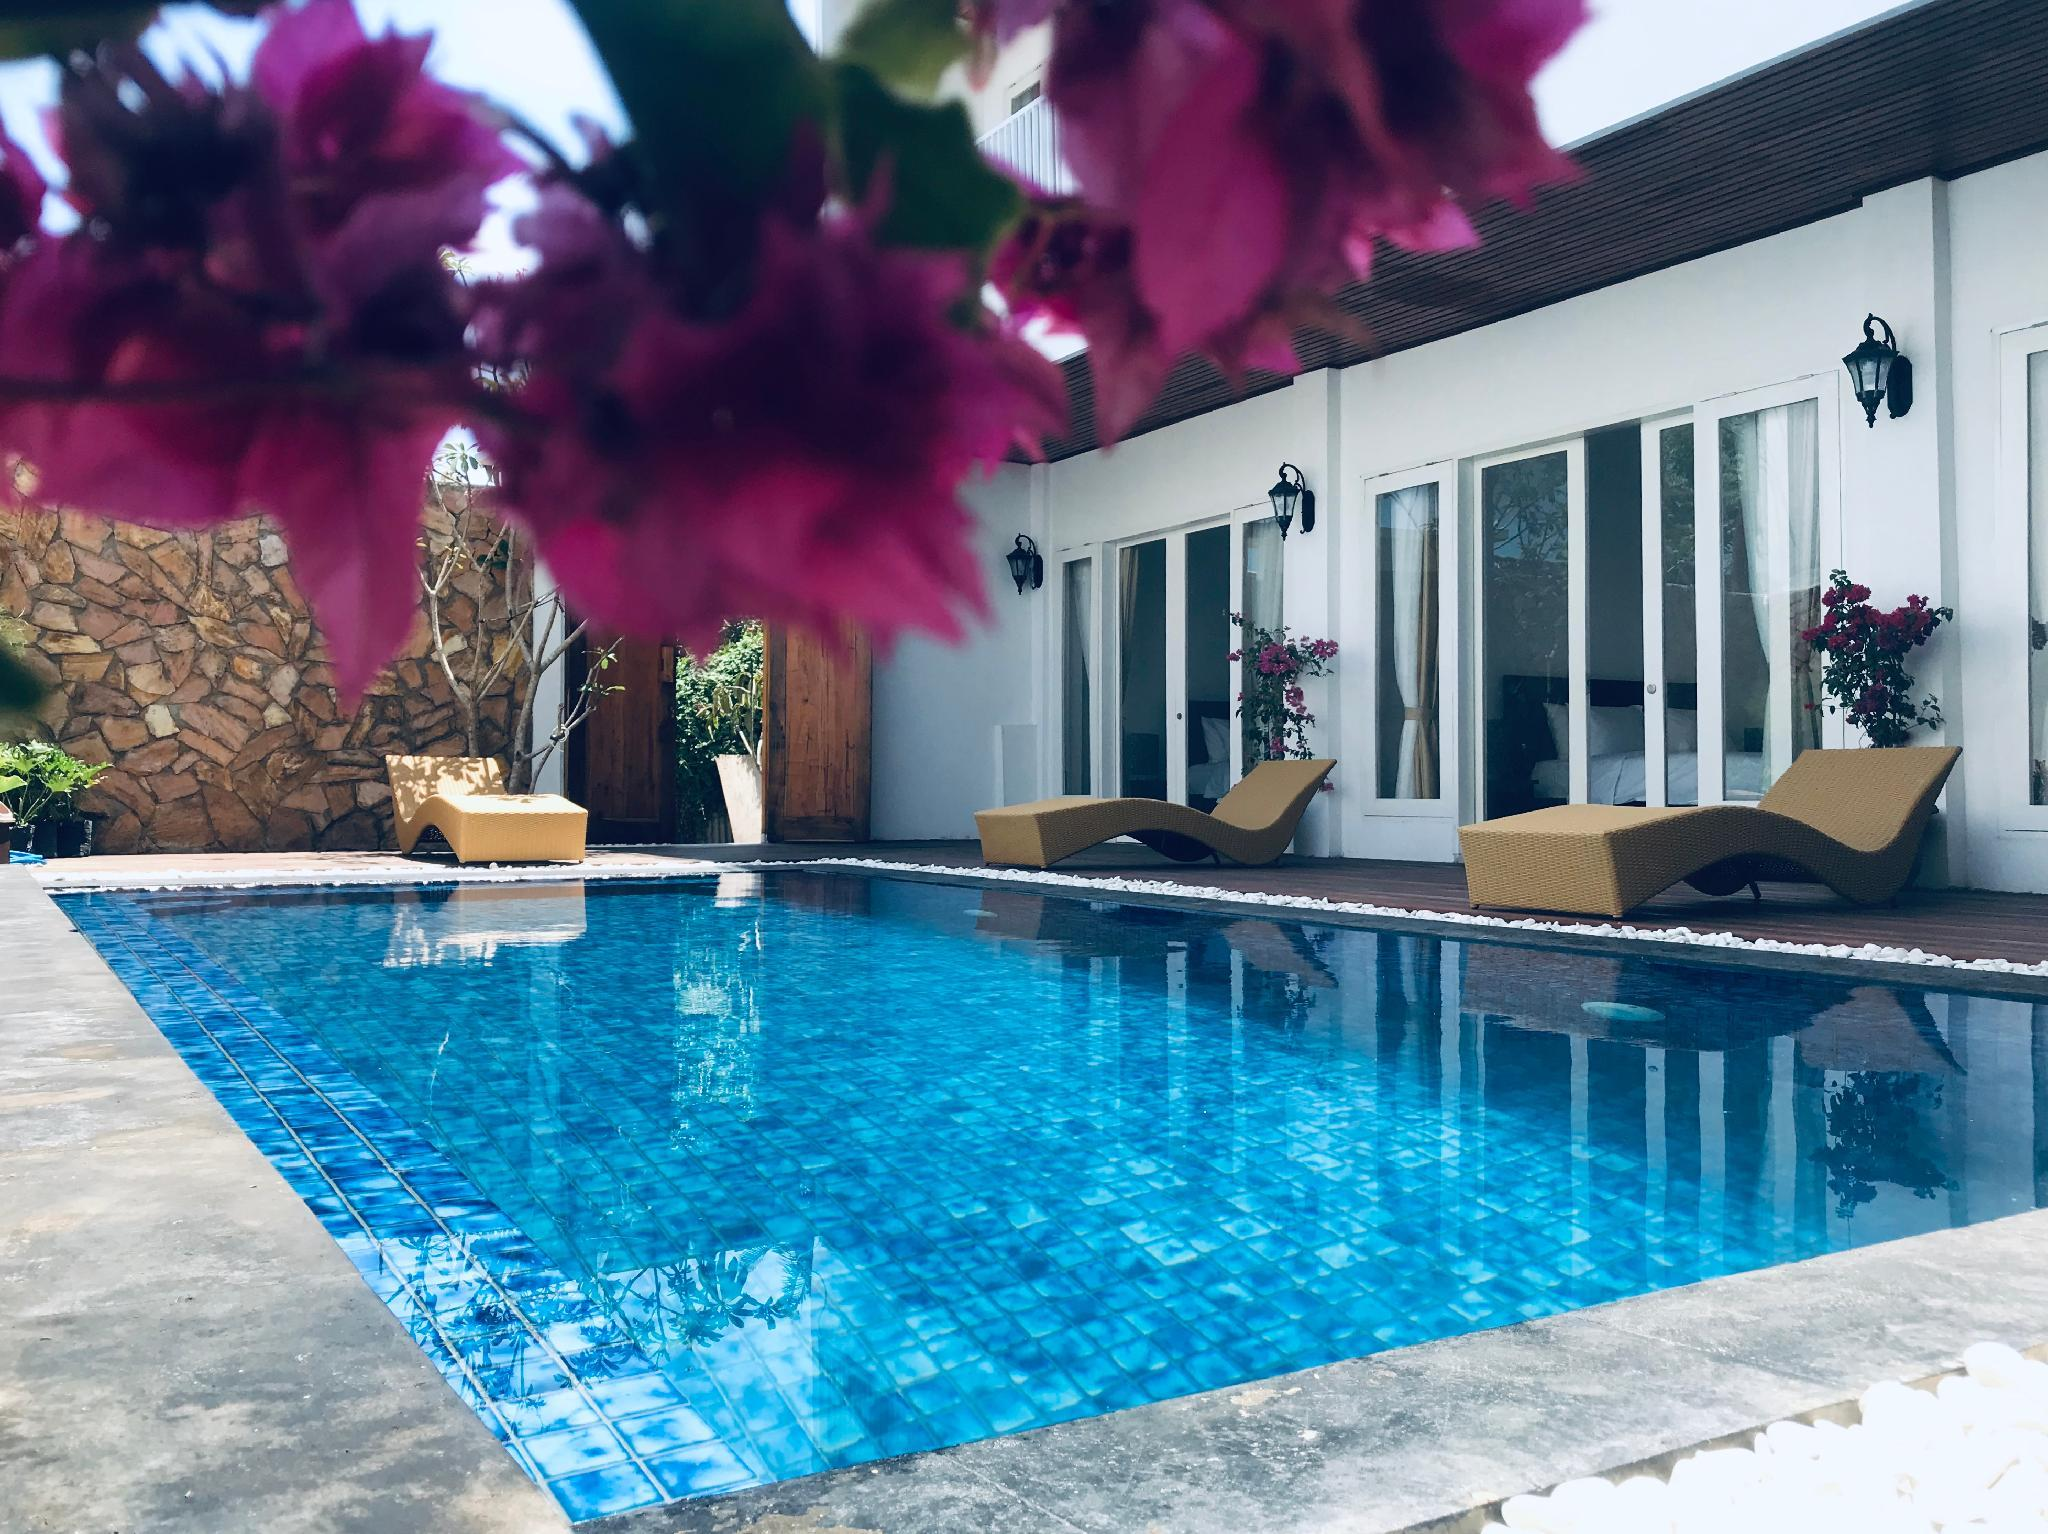 Lumiere Hotel Gili Trawangan